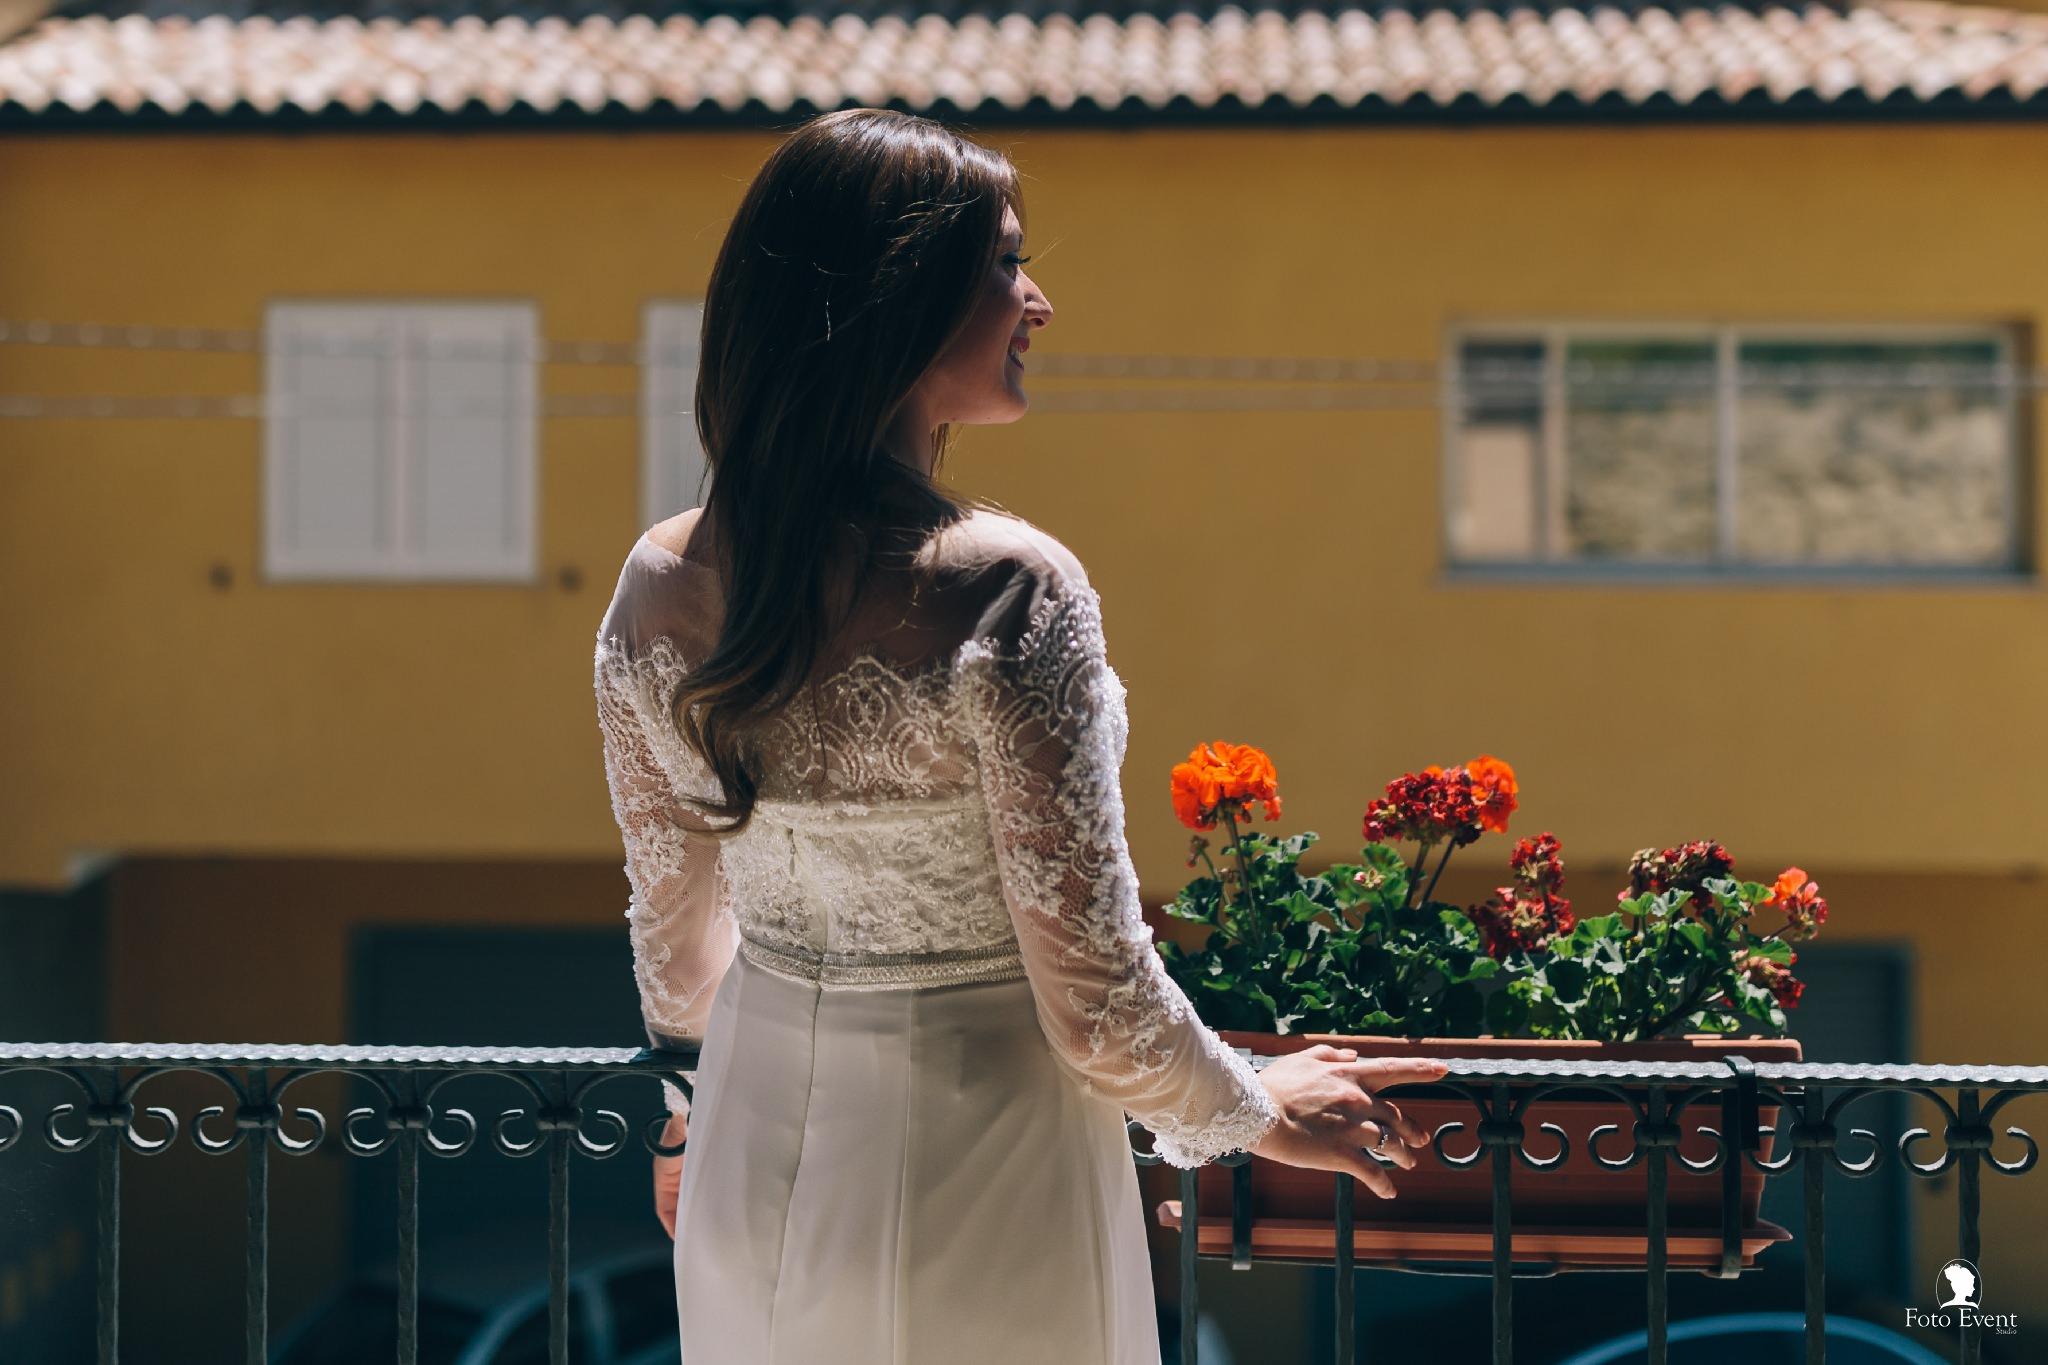 278-2019-05-09-Matrimonio-Maria-Concetta-e-Daniel-Gebbia-35mm-242